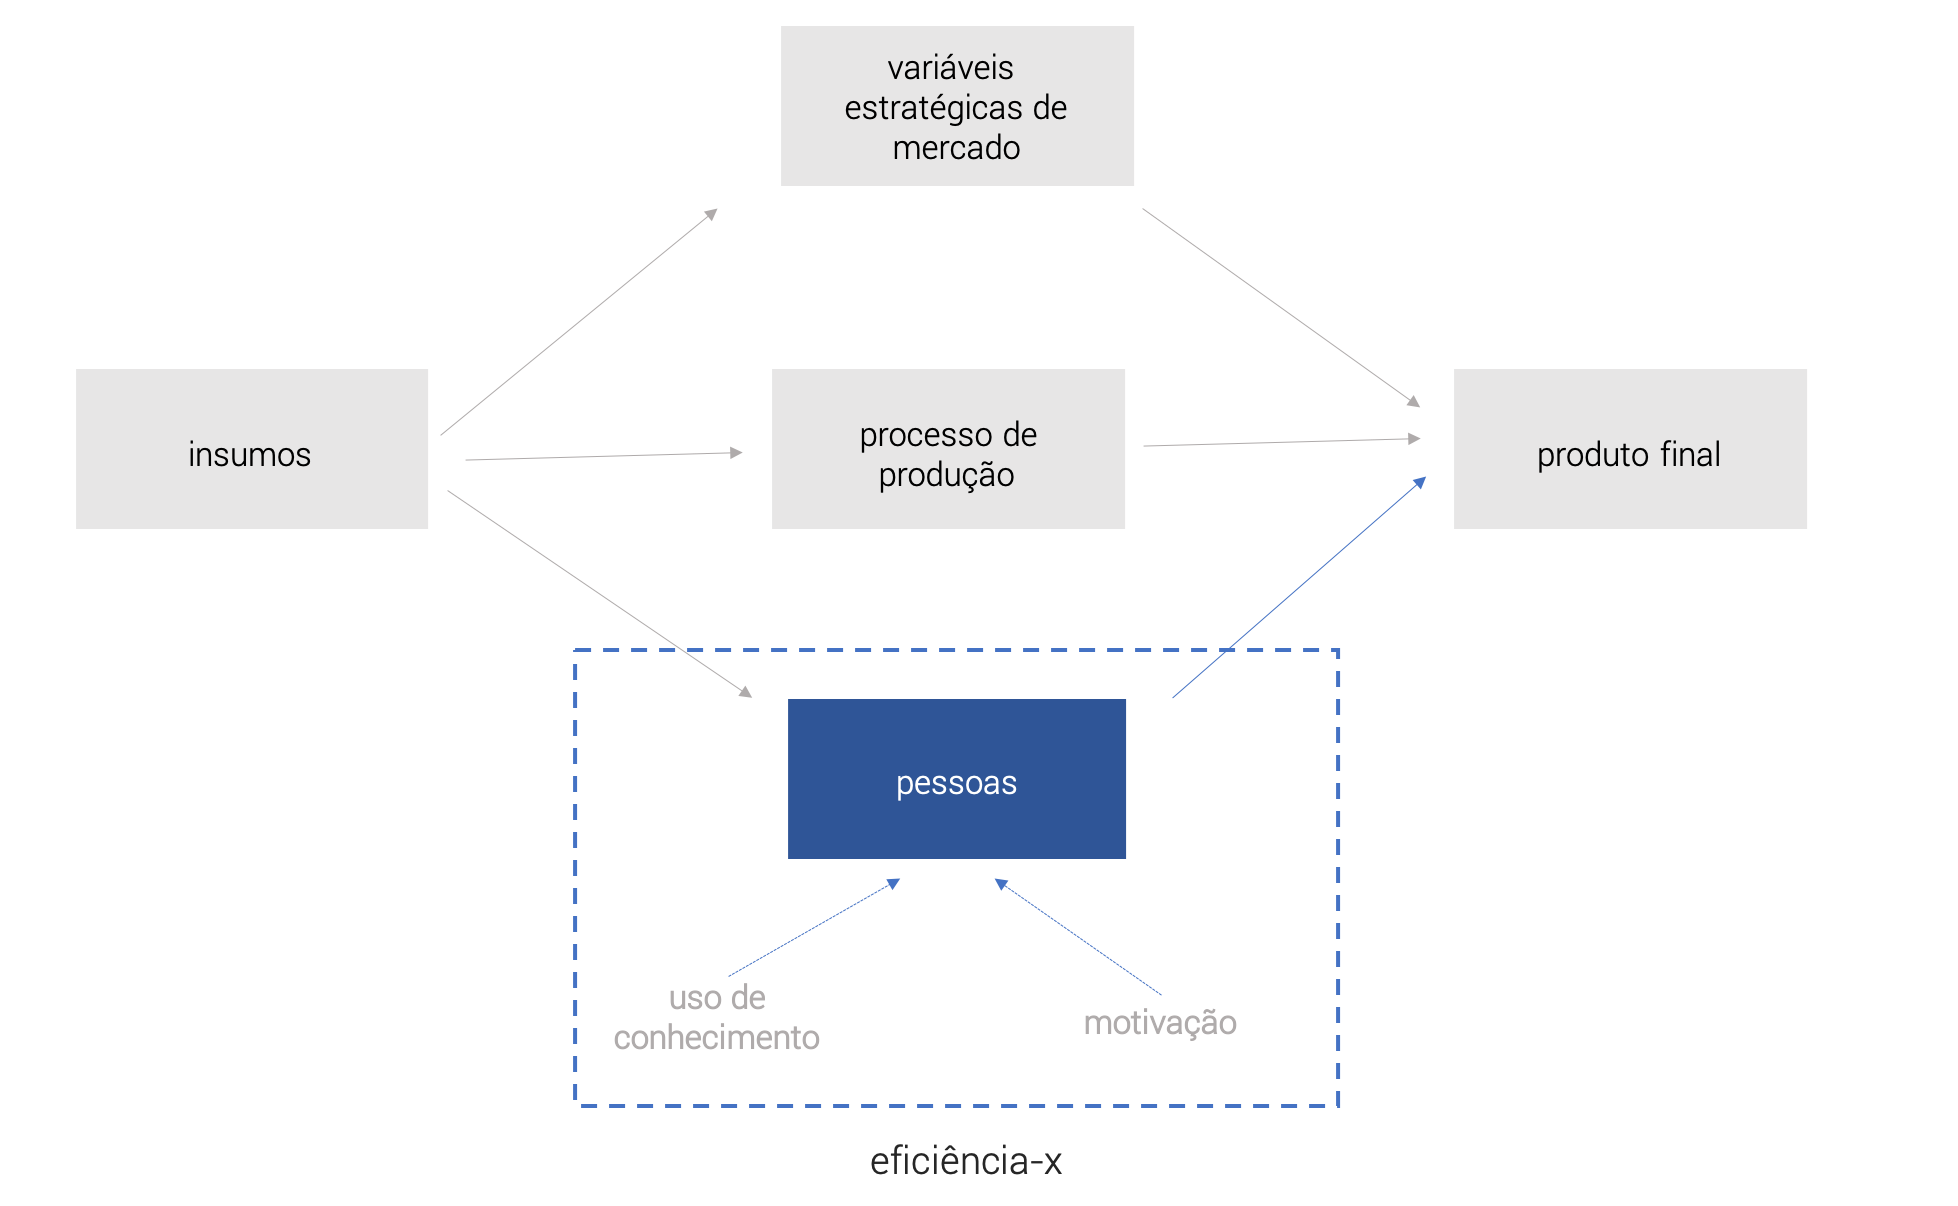 """Figura desenvolvida a partir do conceito de eficiência-x discutida no artigo original Allocative efficiency vs. """"X-Efficiency"""", Reserach in The American Economic Review (1966). Nota-se que entre os insumos e produtos encontram-se três elementos que afetam diretamente o processo de produção do produto ou serviço da empresa. O primeiro elemento se refere às variáveis estratégicas de mercado, que são muito discutidas nos modelos de Organização Industrial e consideradas relevantes para as áreas de planejamento estratégico das empresas. O segundo elemento é o processo de produção, isto é, a maneira pela qual os recursos (genericamente denominados de terra, capital e trabalho) são utilizados para deixar a produção mais eficiente. Por fim, o terceiro elemento se refere justamente à eficiência-x, onde se observa que alterações dentro da empresa impactam diretamente as pessoas por meio do uso de conhecimento e motivação, aumentado a performance produtiva dos trabalhadores e a quantidade produzida."""